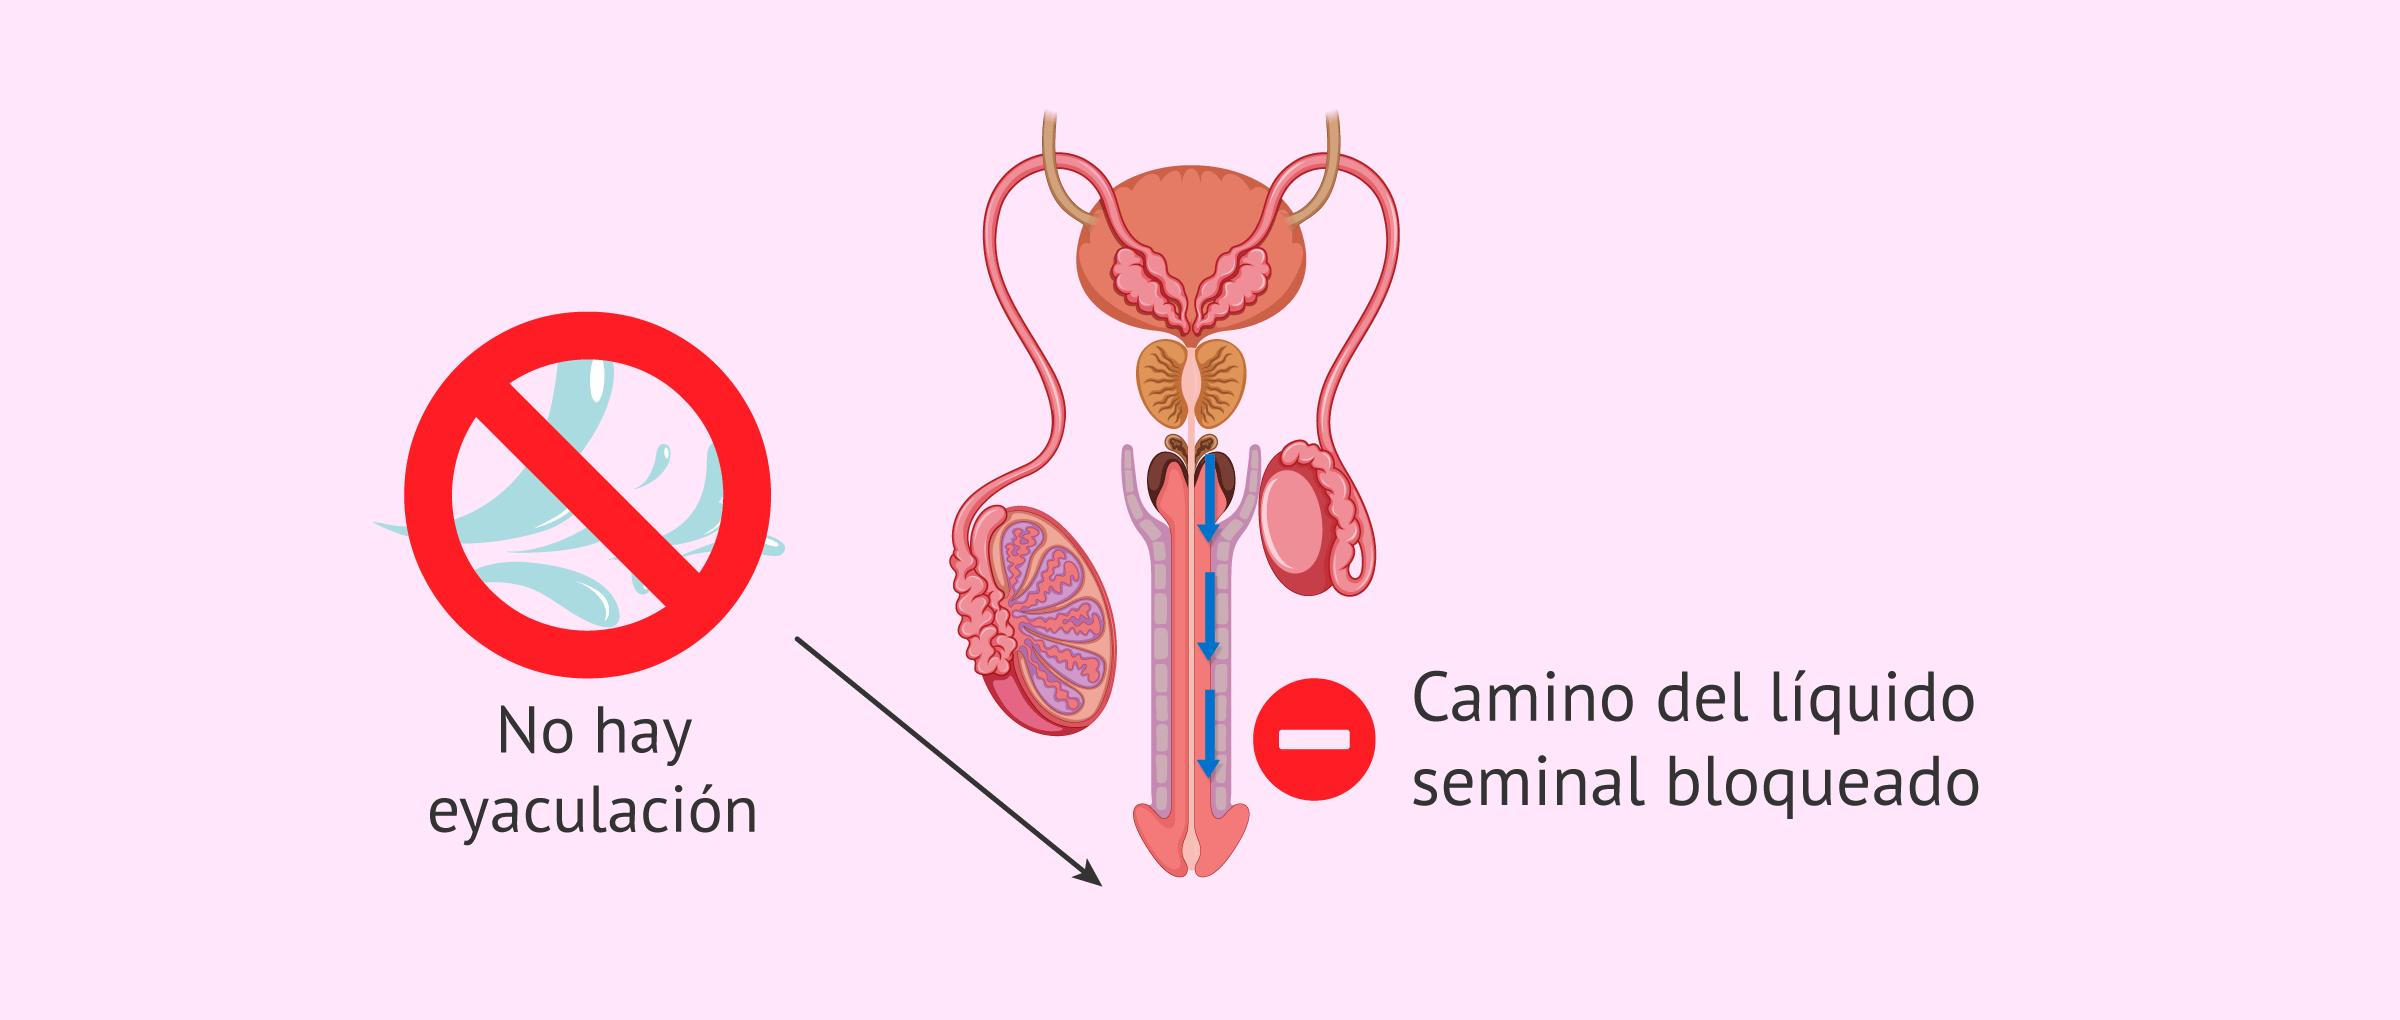 Aspermia o ausencia de semen eyaculado